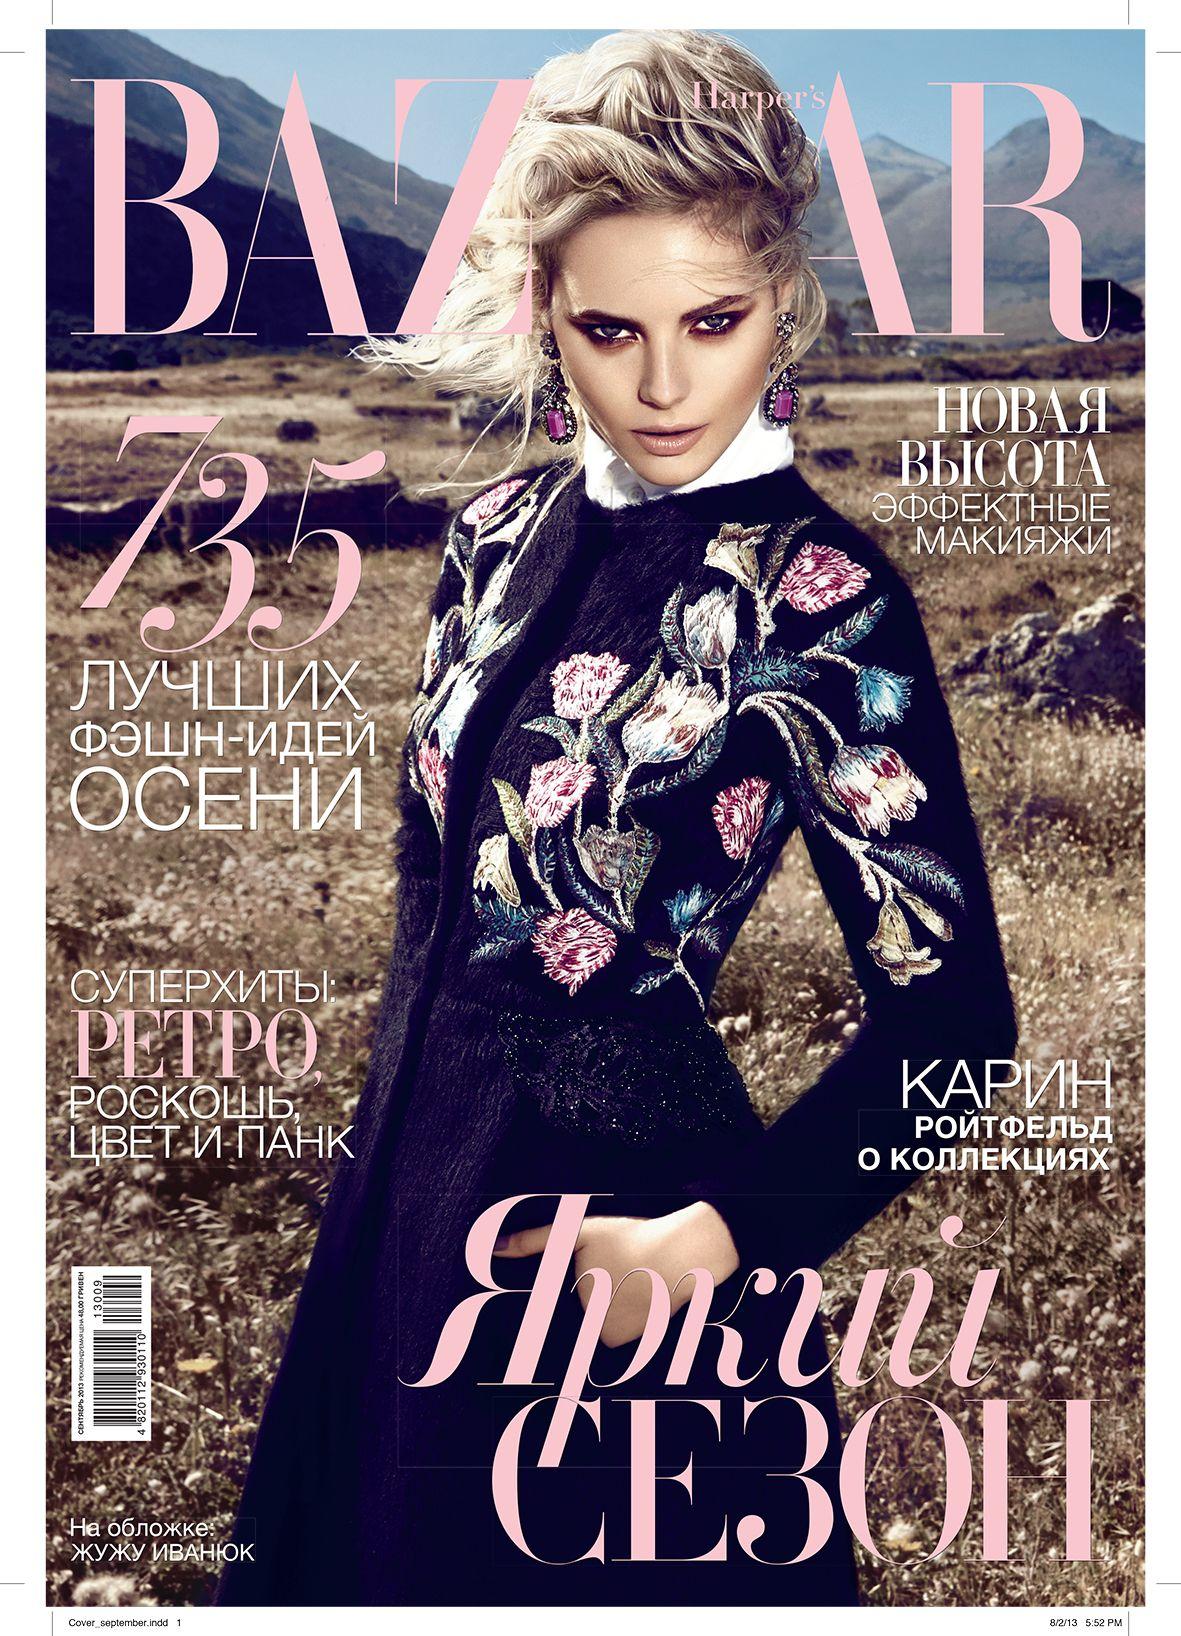 Harper's Bazaar, Ukraine, September 2013